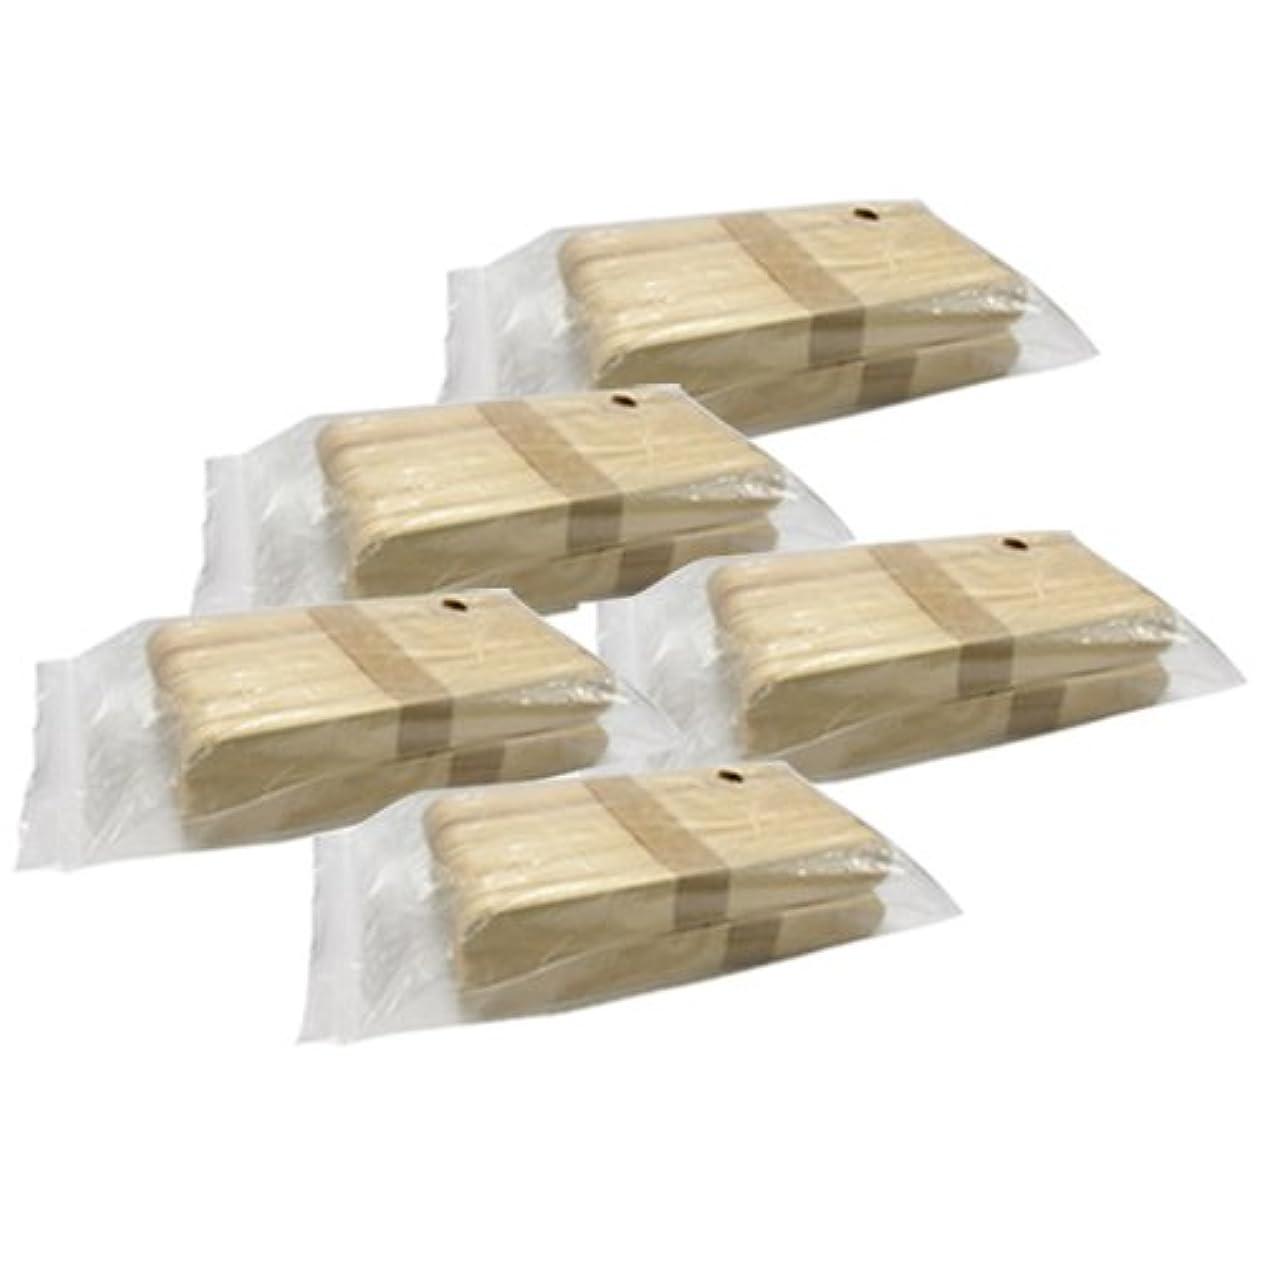 バケツアークを通して使い捨て【木ベラ/ウッドスパチュラ】(業務用100枚入り) × 5袋セット(計500枚)/WAX脱毛等や舌厚子にも …